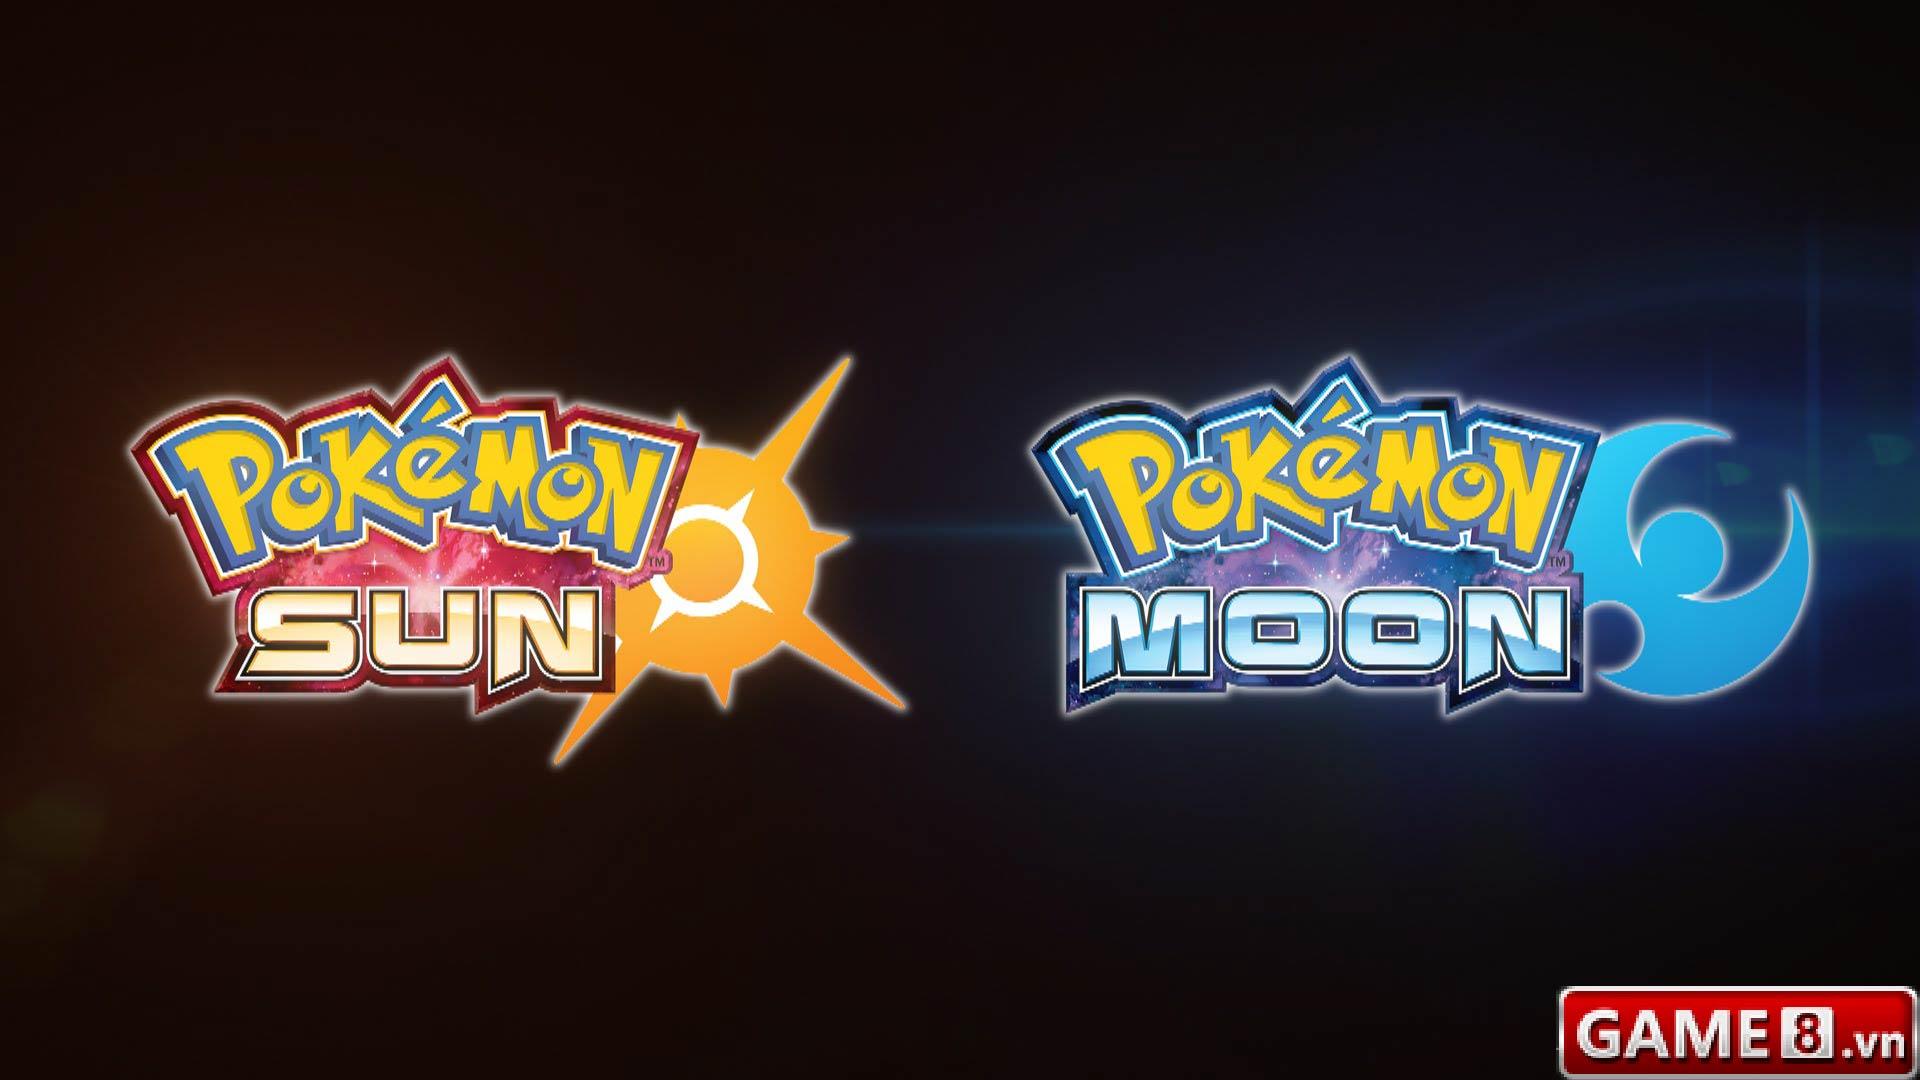 Game hot trong tuần - Số 2: Pokemon Sun and Moon chính thức lộ diện - ảnh 1